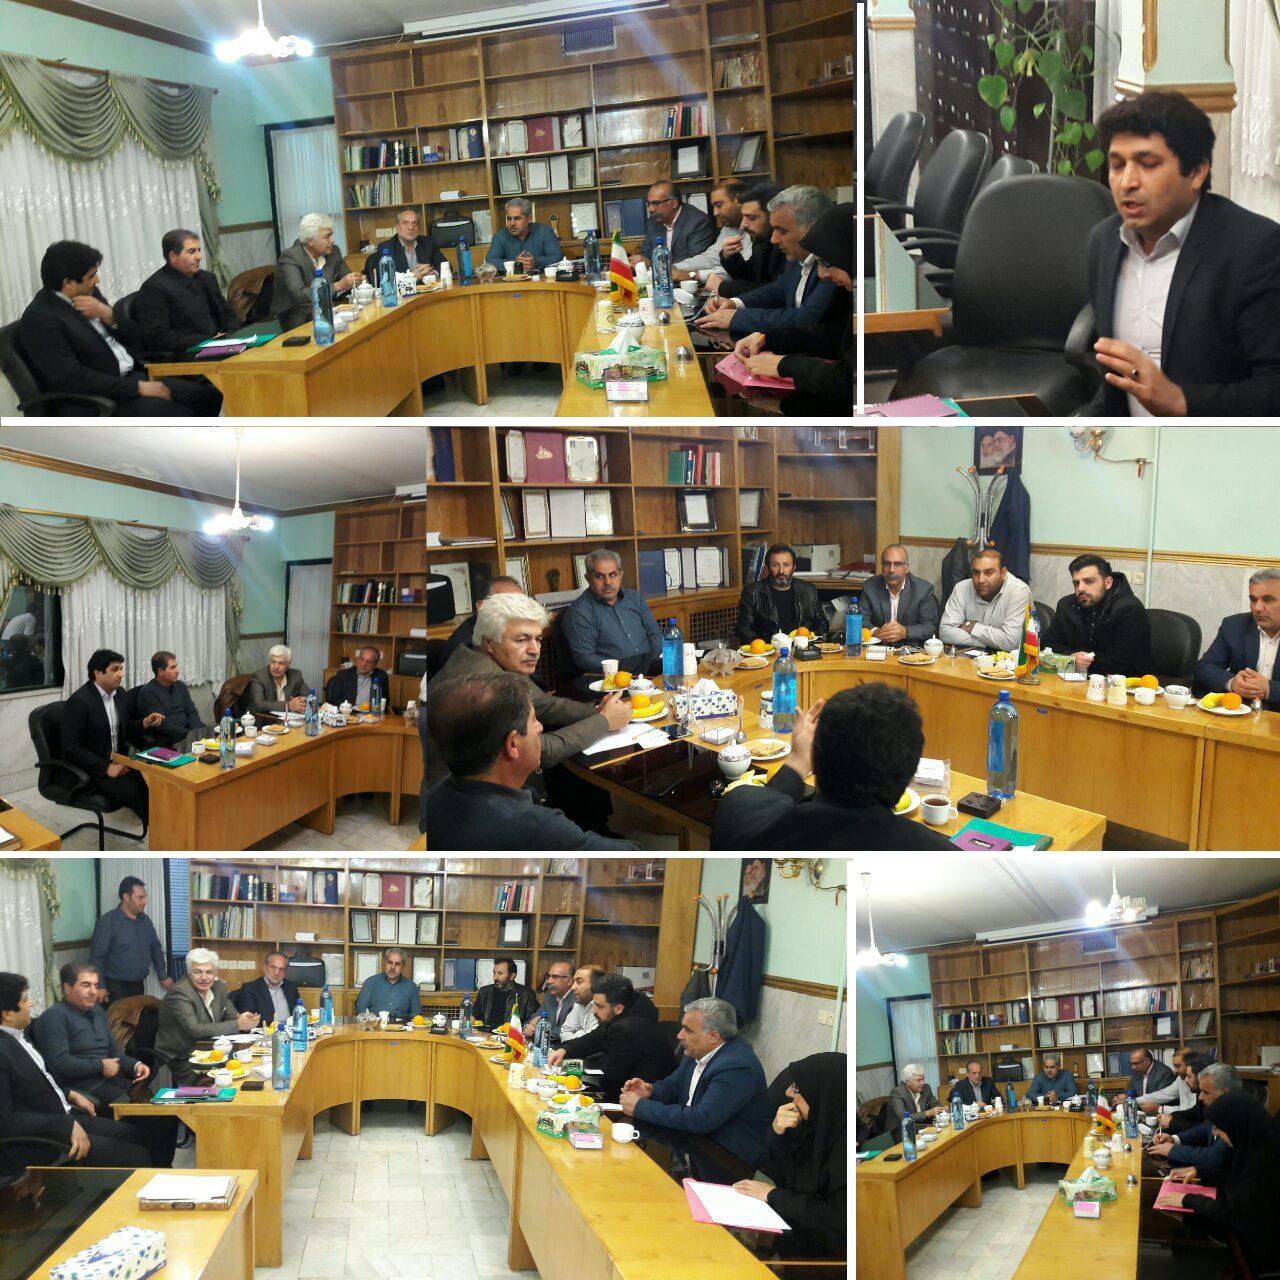 تصویر از رئیس شورای شهر رودهن:  شورای شهر رودهن آماده هرگونه همکاری با بهزیستی شهرستان دماوند است